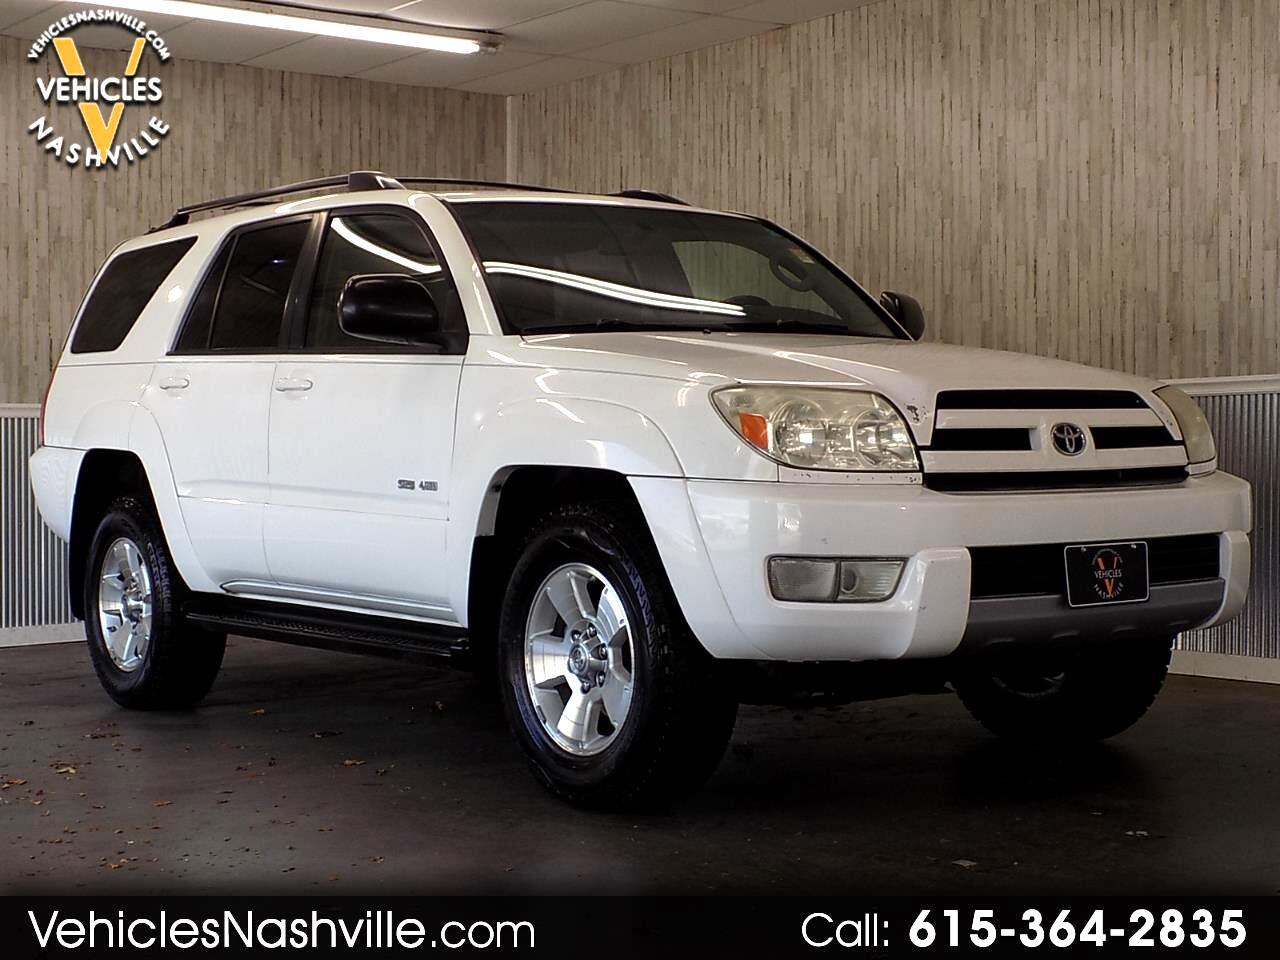 2004 Toyota 4Runner SR5 4WD